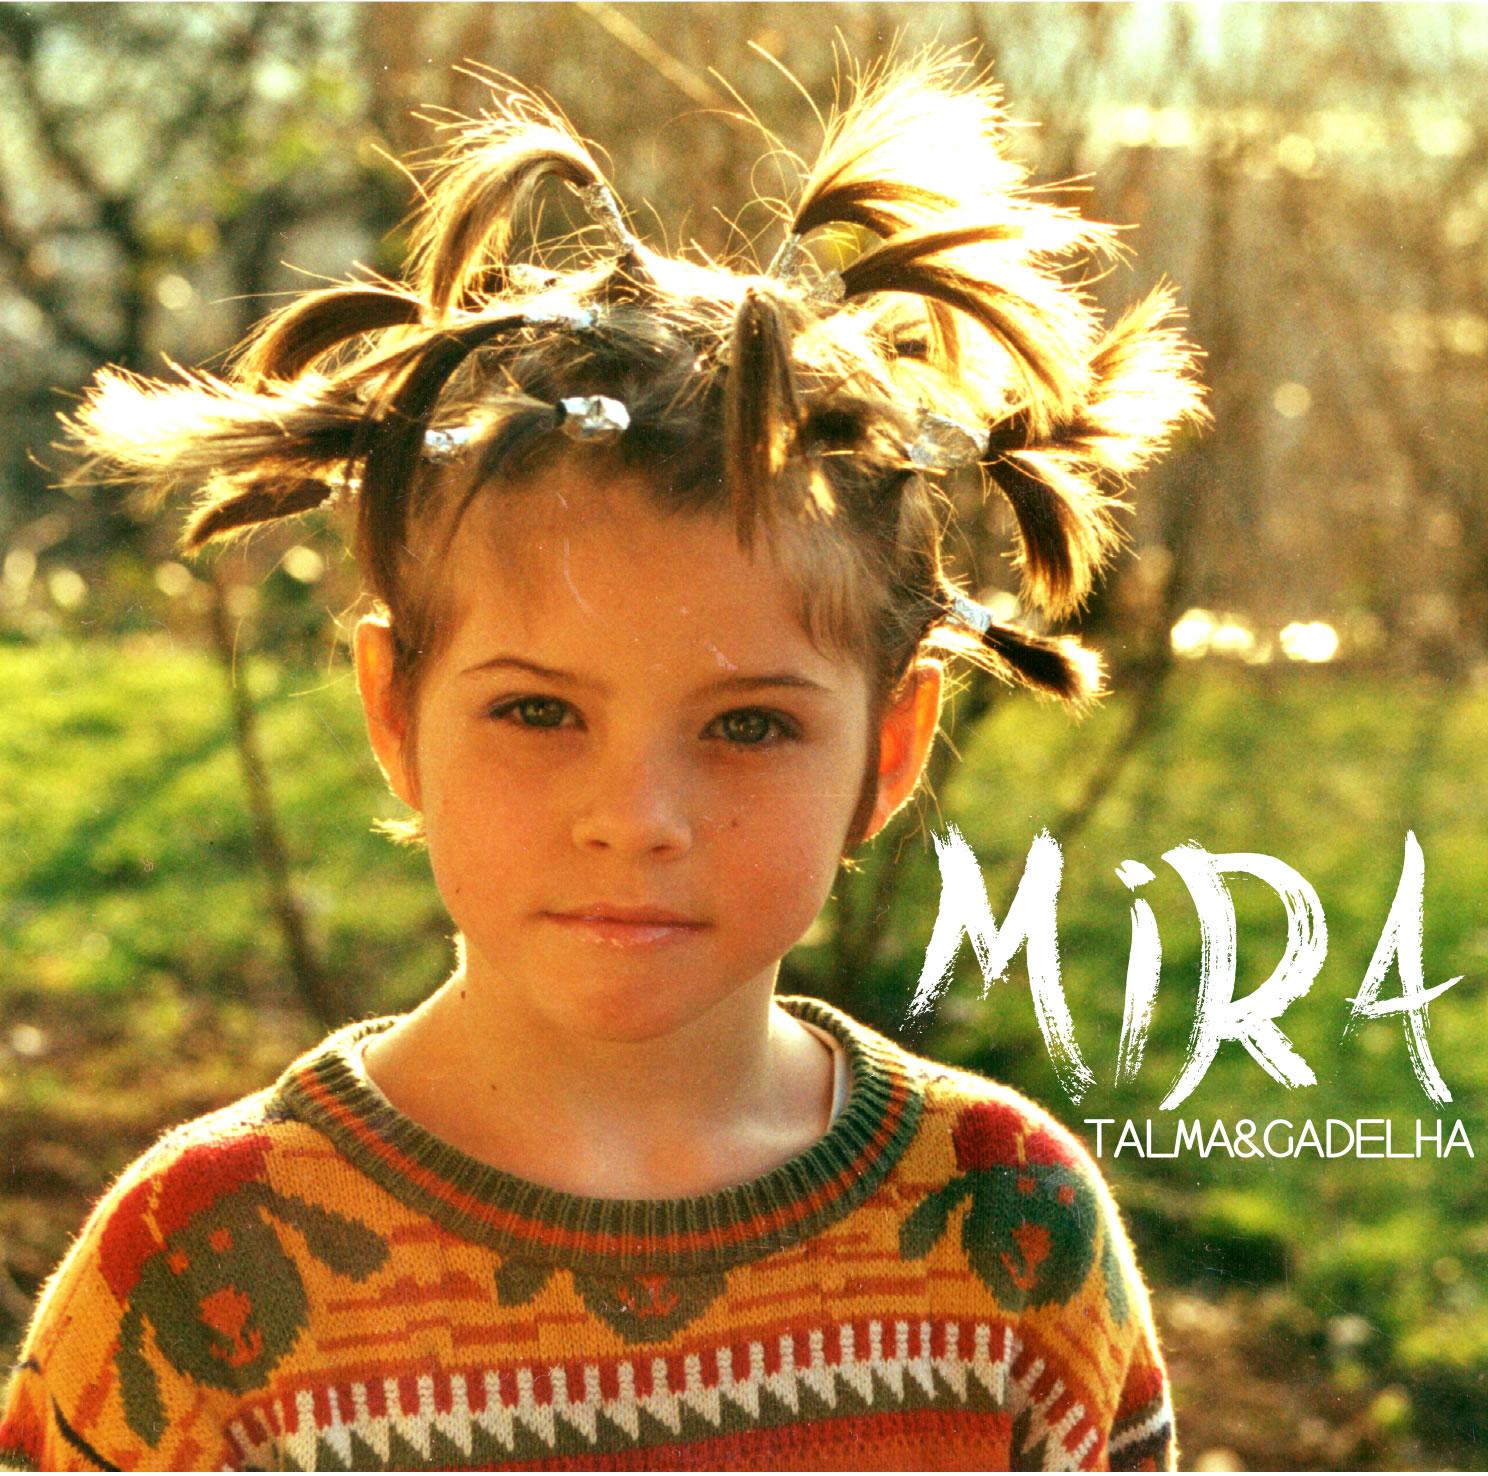 talma-gadelha-mira